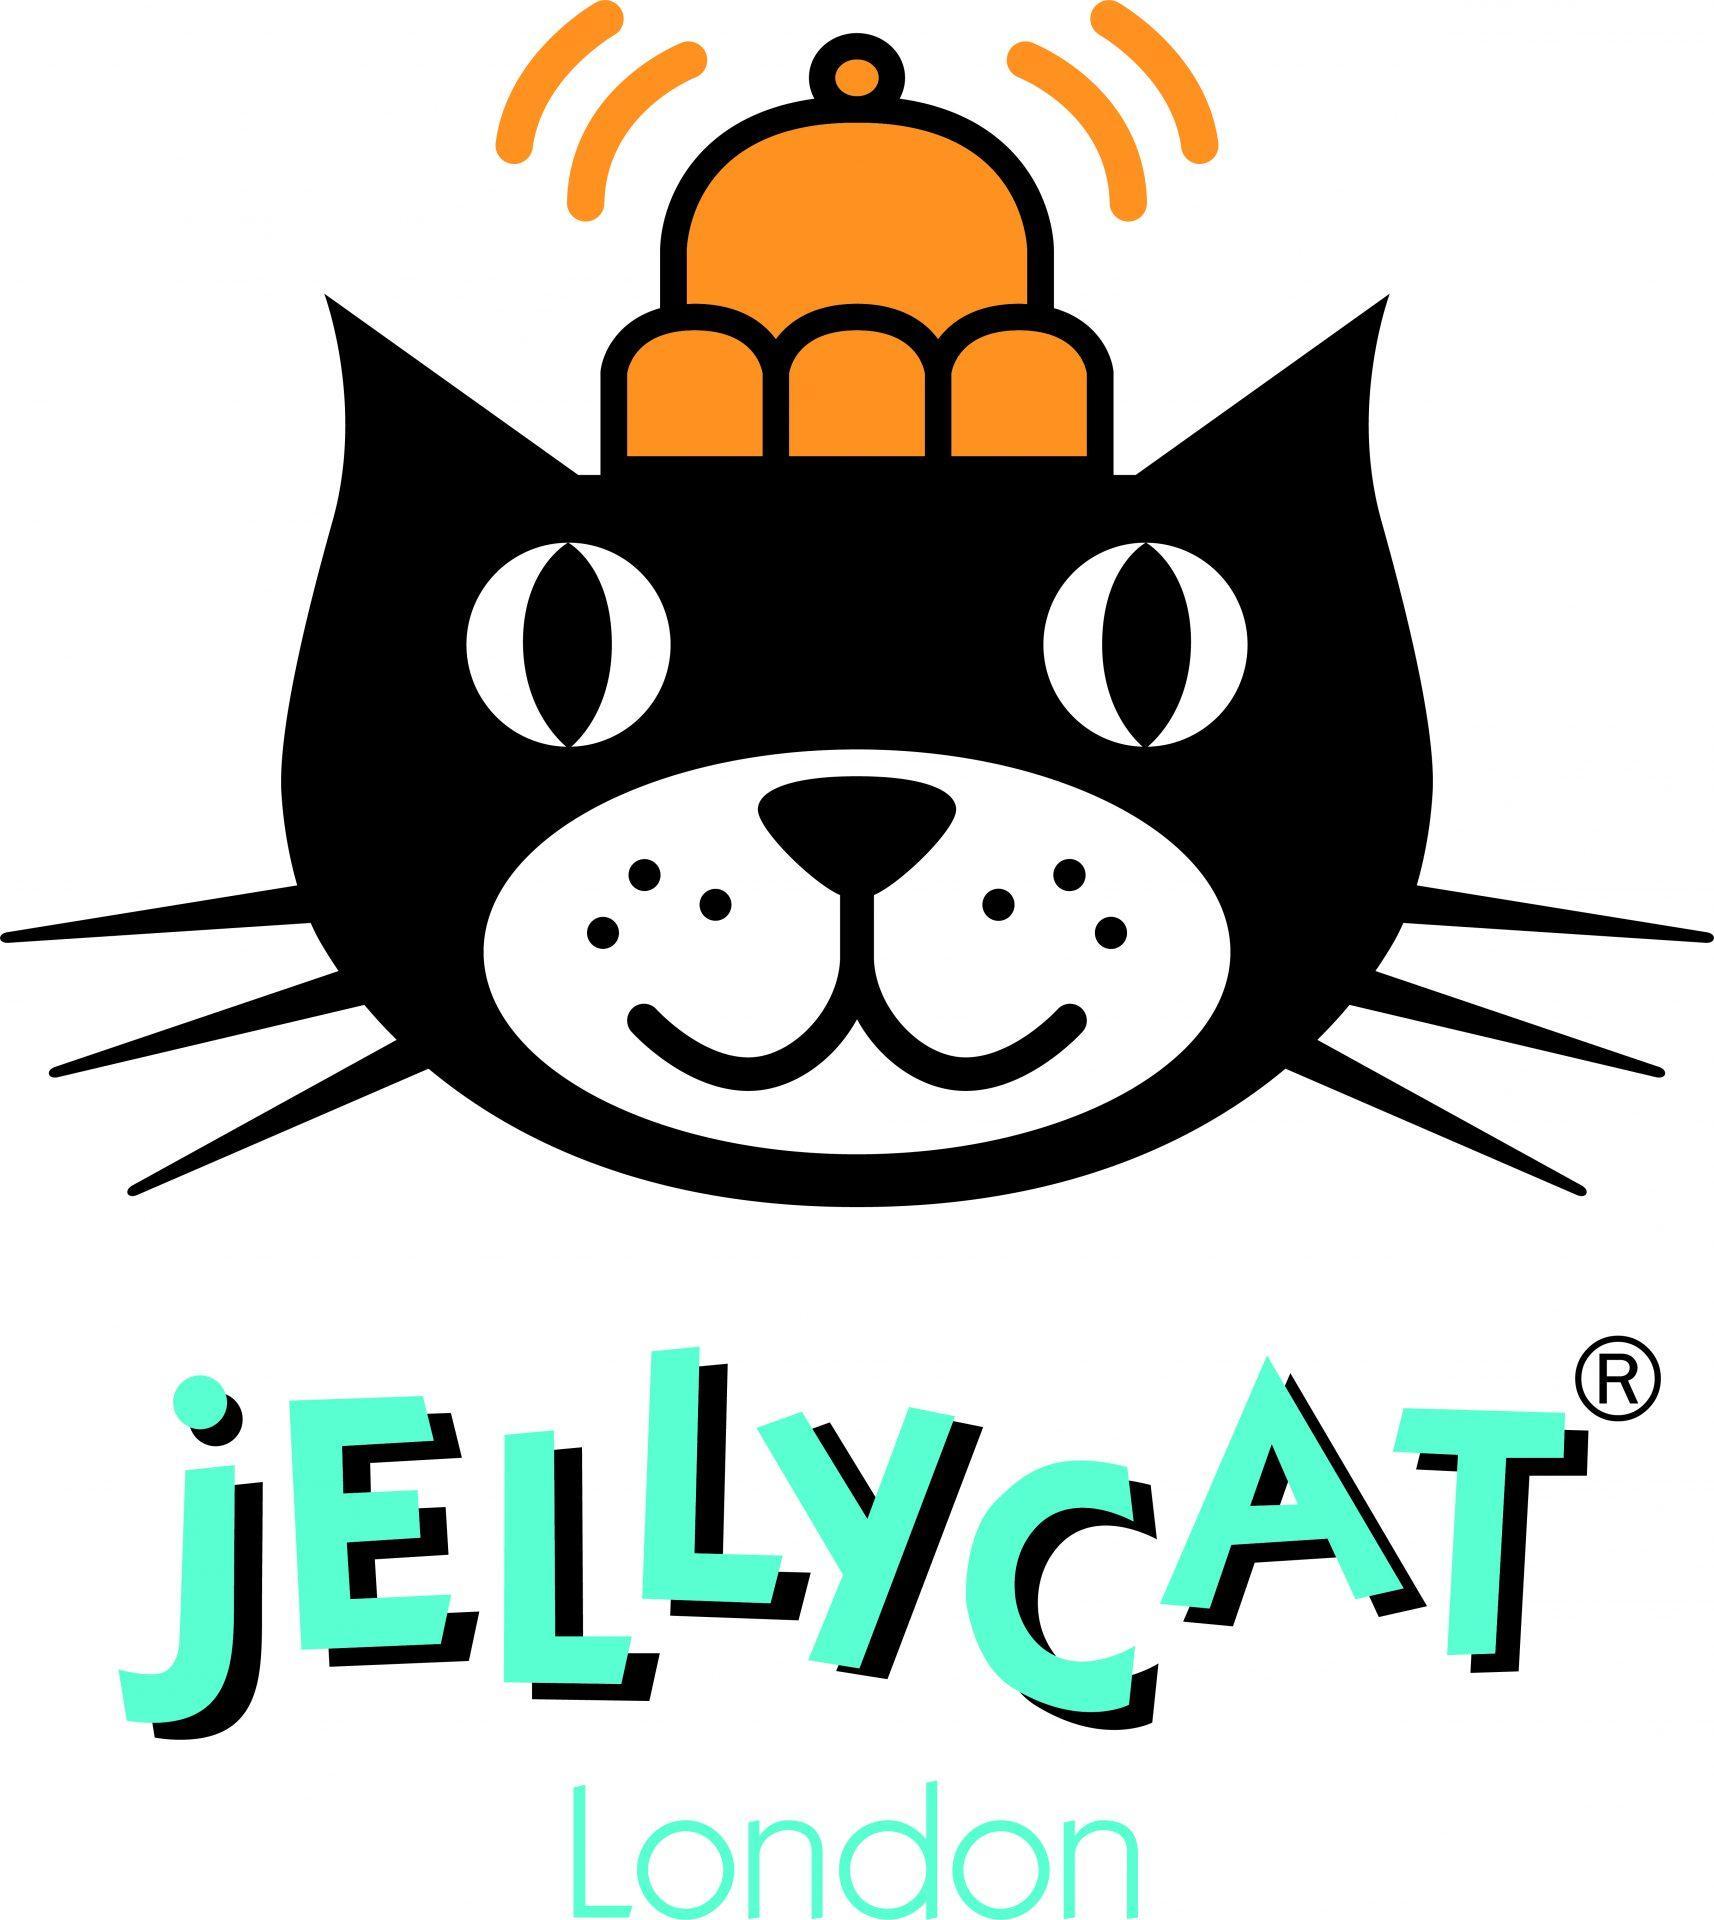 http://lovelizzi.com/brands/jellycat/